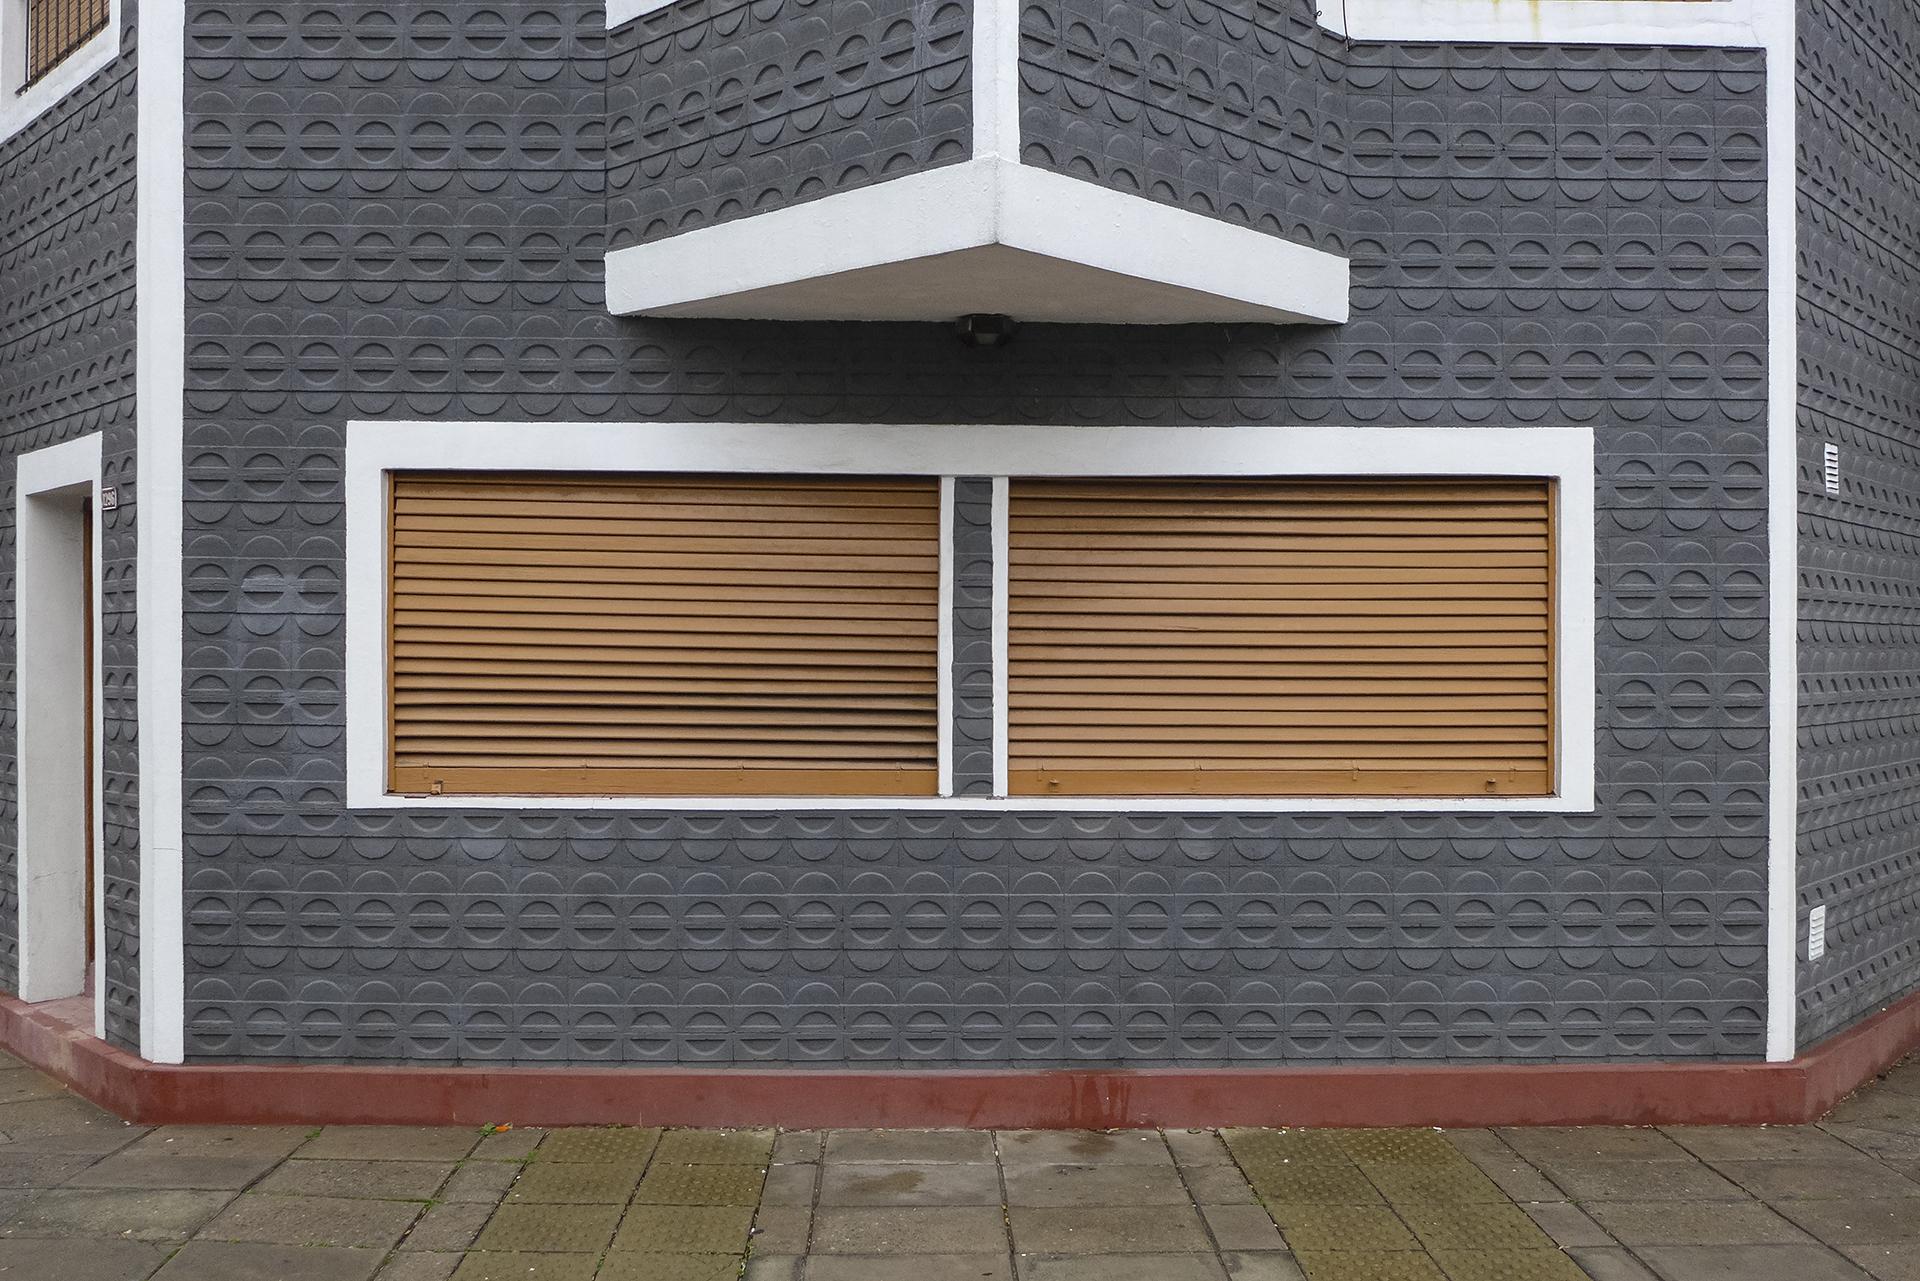 Ochava gris con dos ventanas (Caballito, BA, 2018)